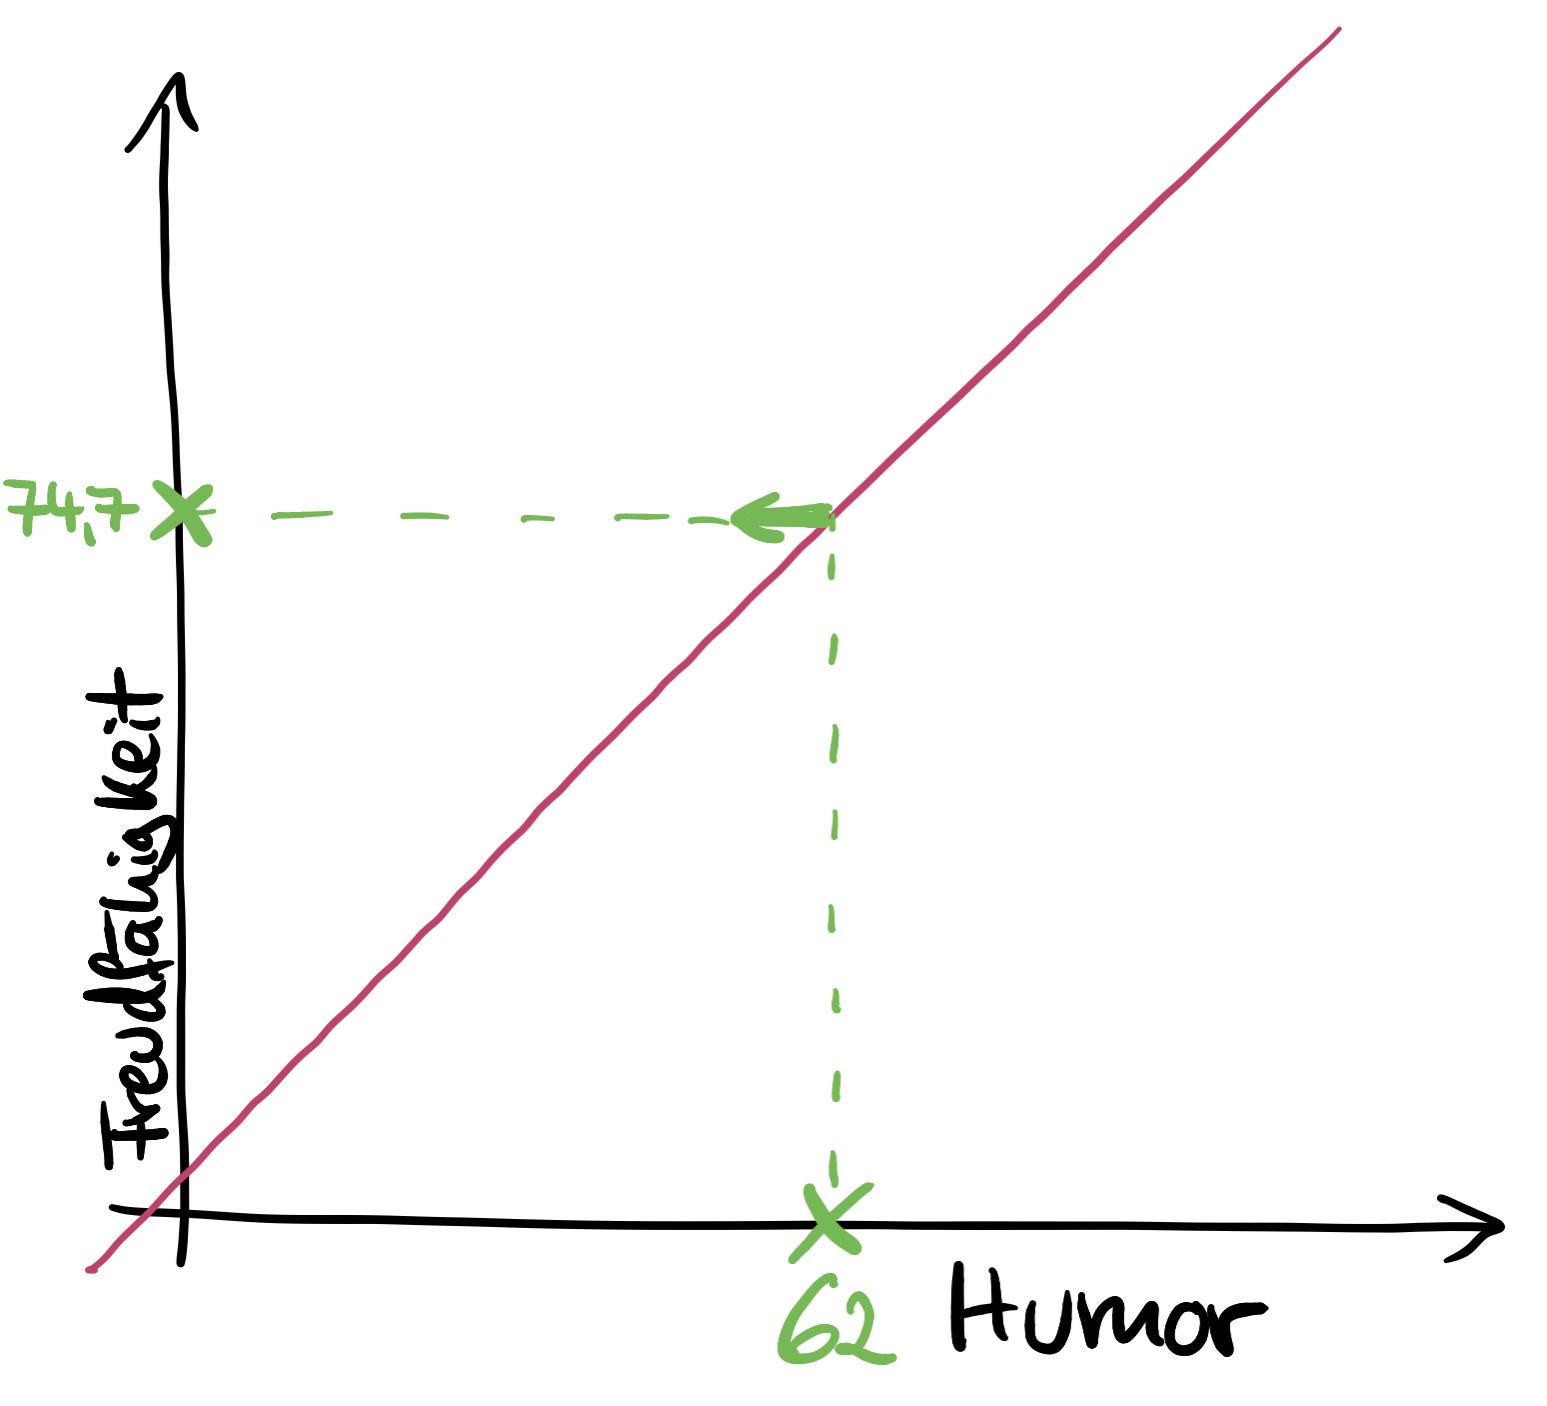 beispiel-vorhersage-einfache-regression